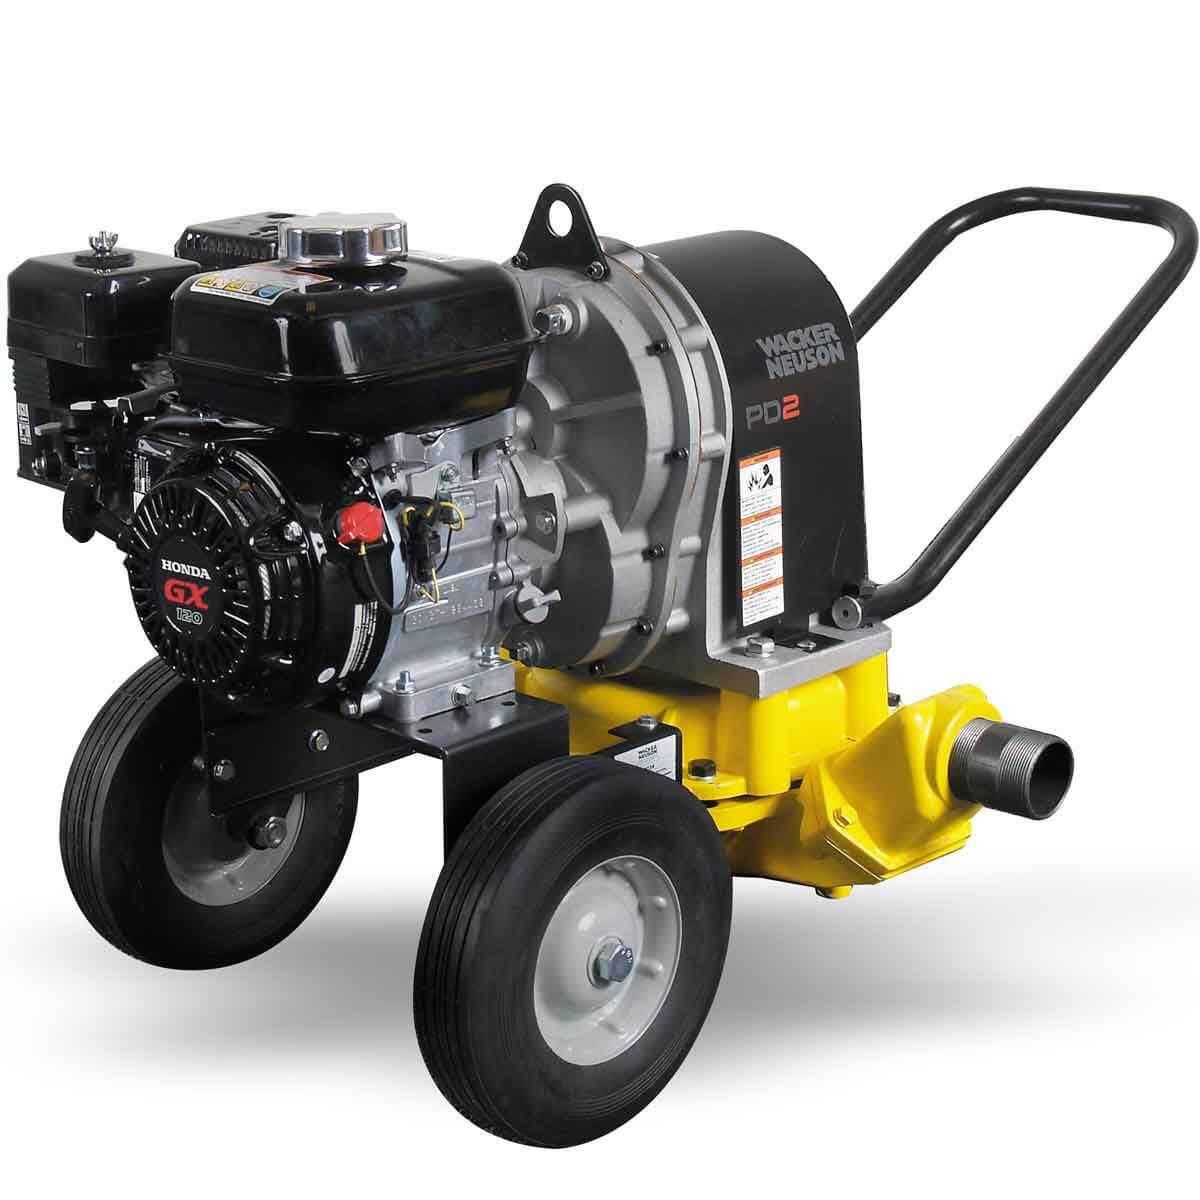 Mobile 2 inch Trash Pump Wacker Neuson PDT2A